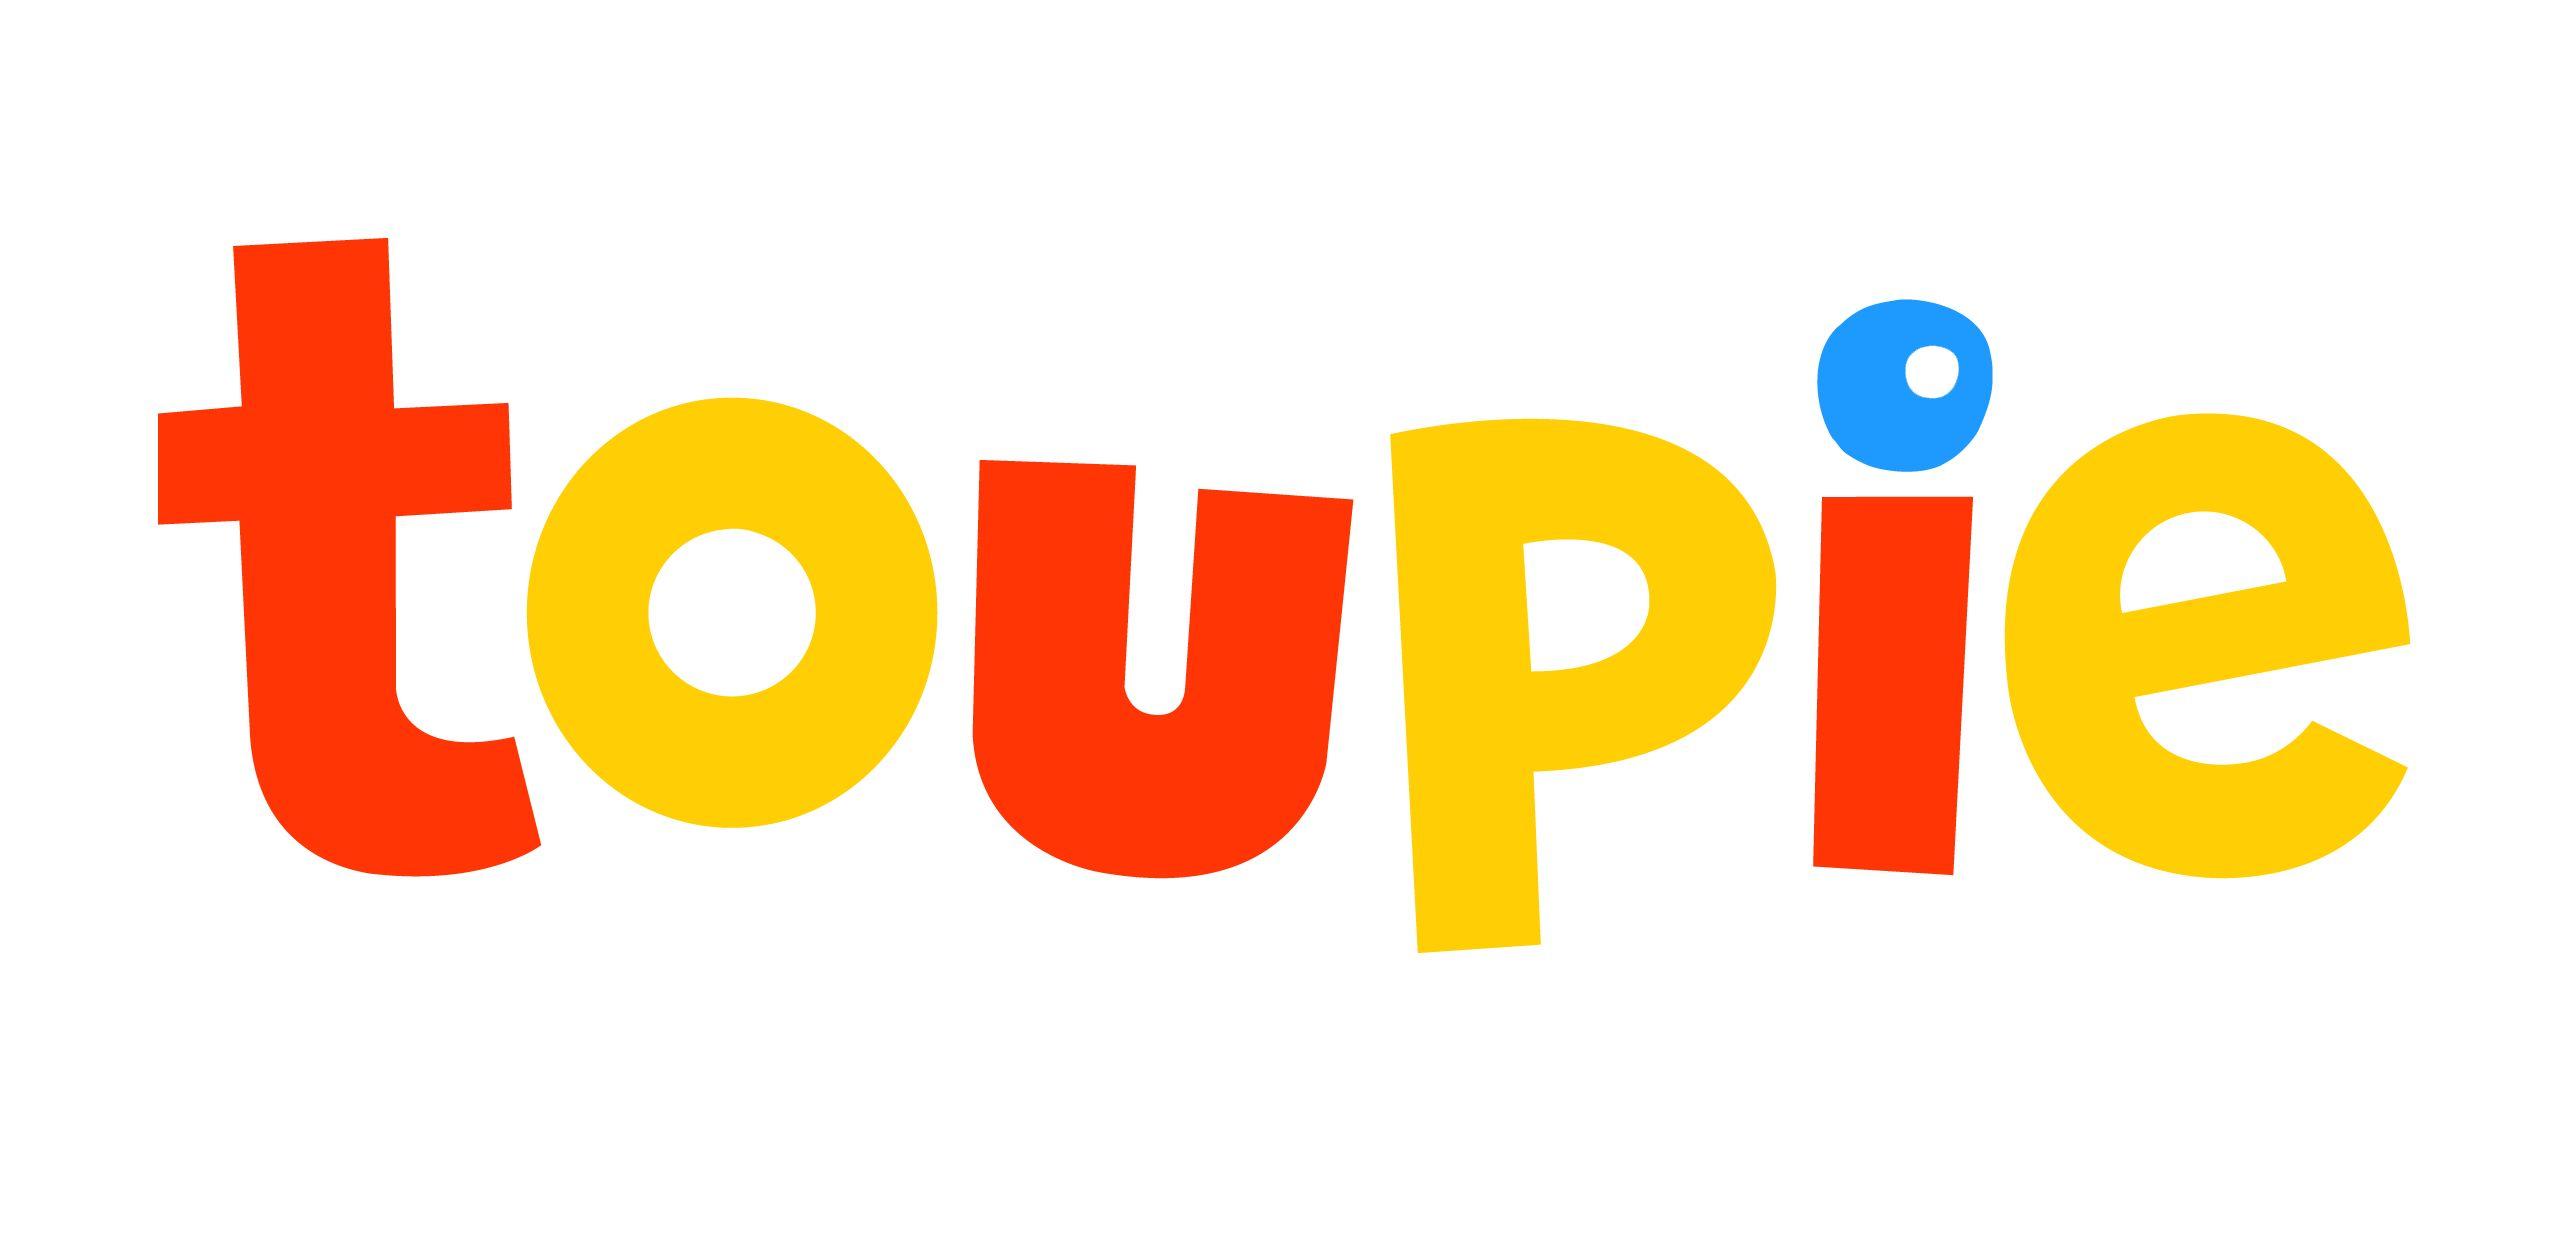 Toupie (revue) : pour découvrir en s'amusant | Amen, Patrice. Éditeur scientifique